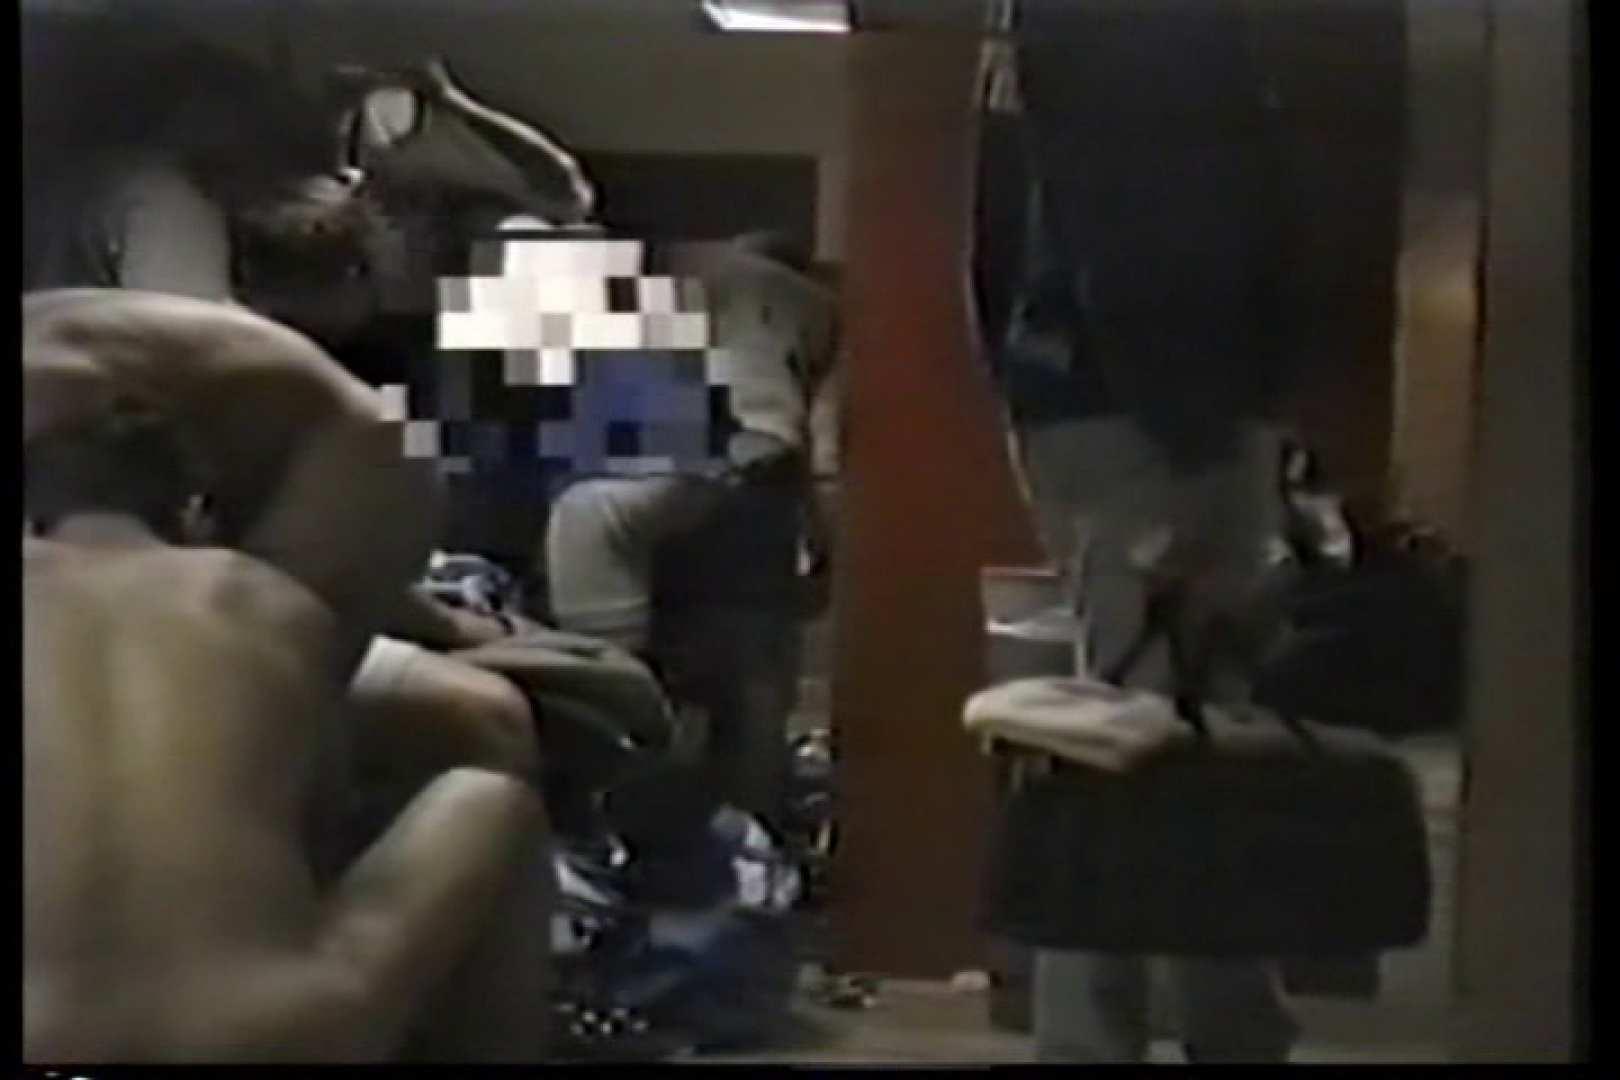 洋人さんの脱衣所を覗いてみました。VOL.3 洋物男子 ゲイ精子画像 92枚 11